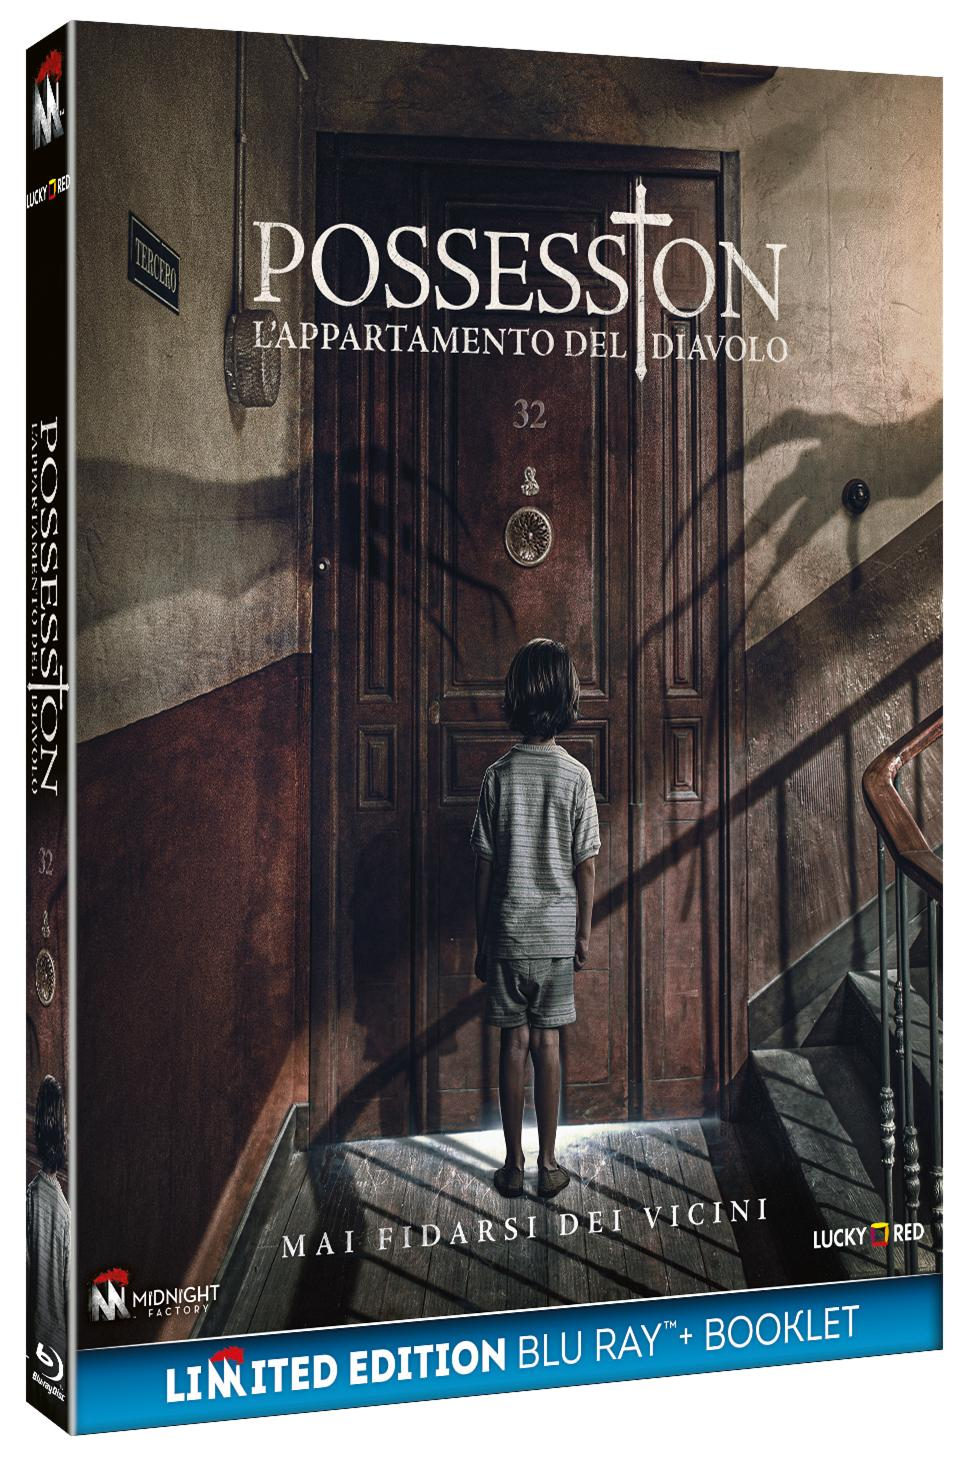 POSSESSION - L'APPARTAMENTO DEL DIAVOLO (BLU-RAY+BOOKLET)